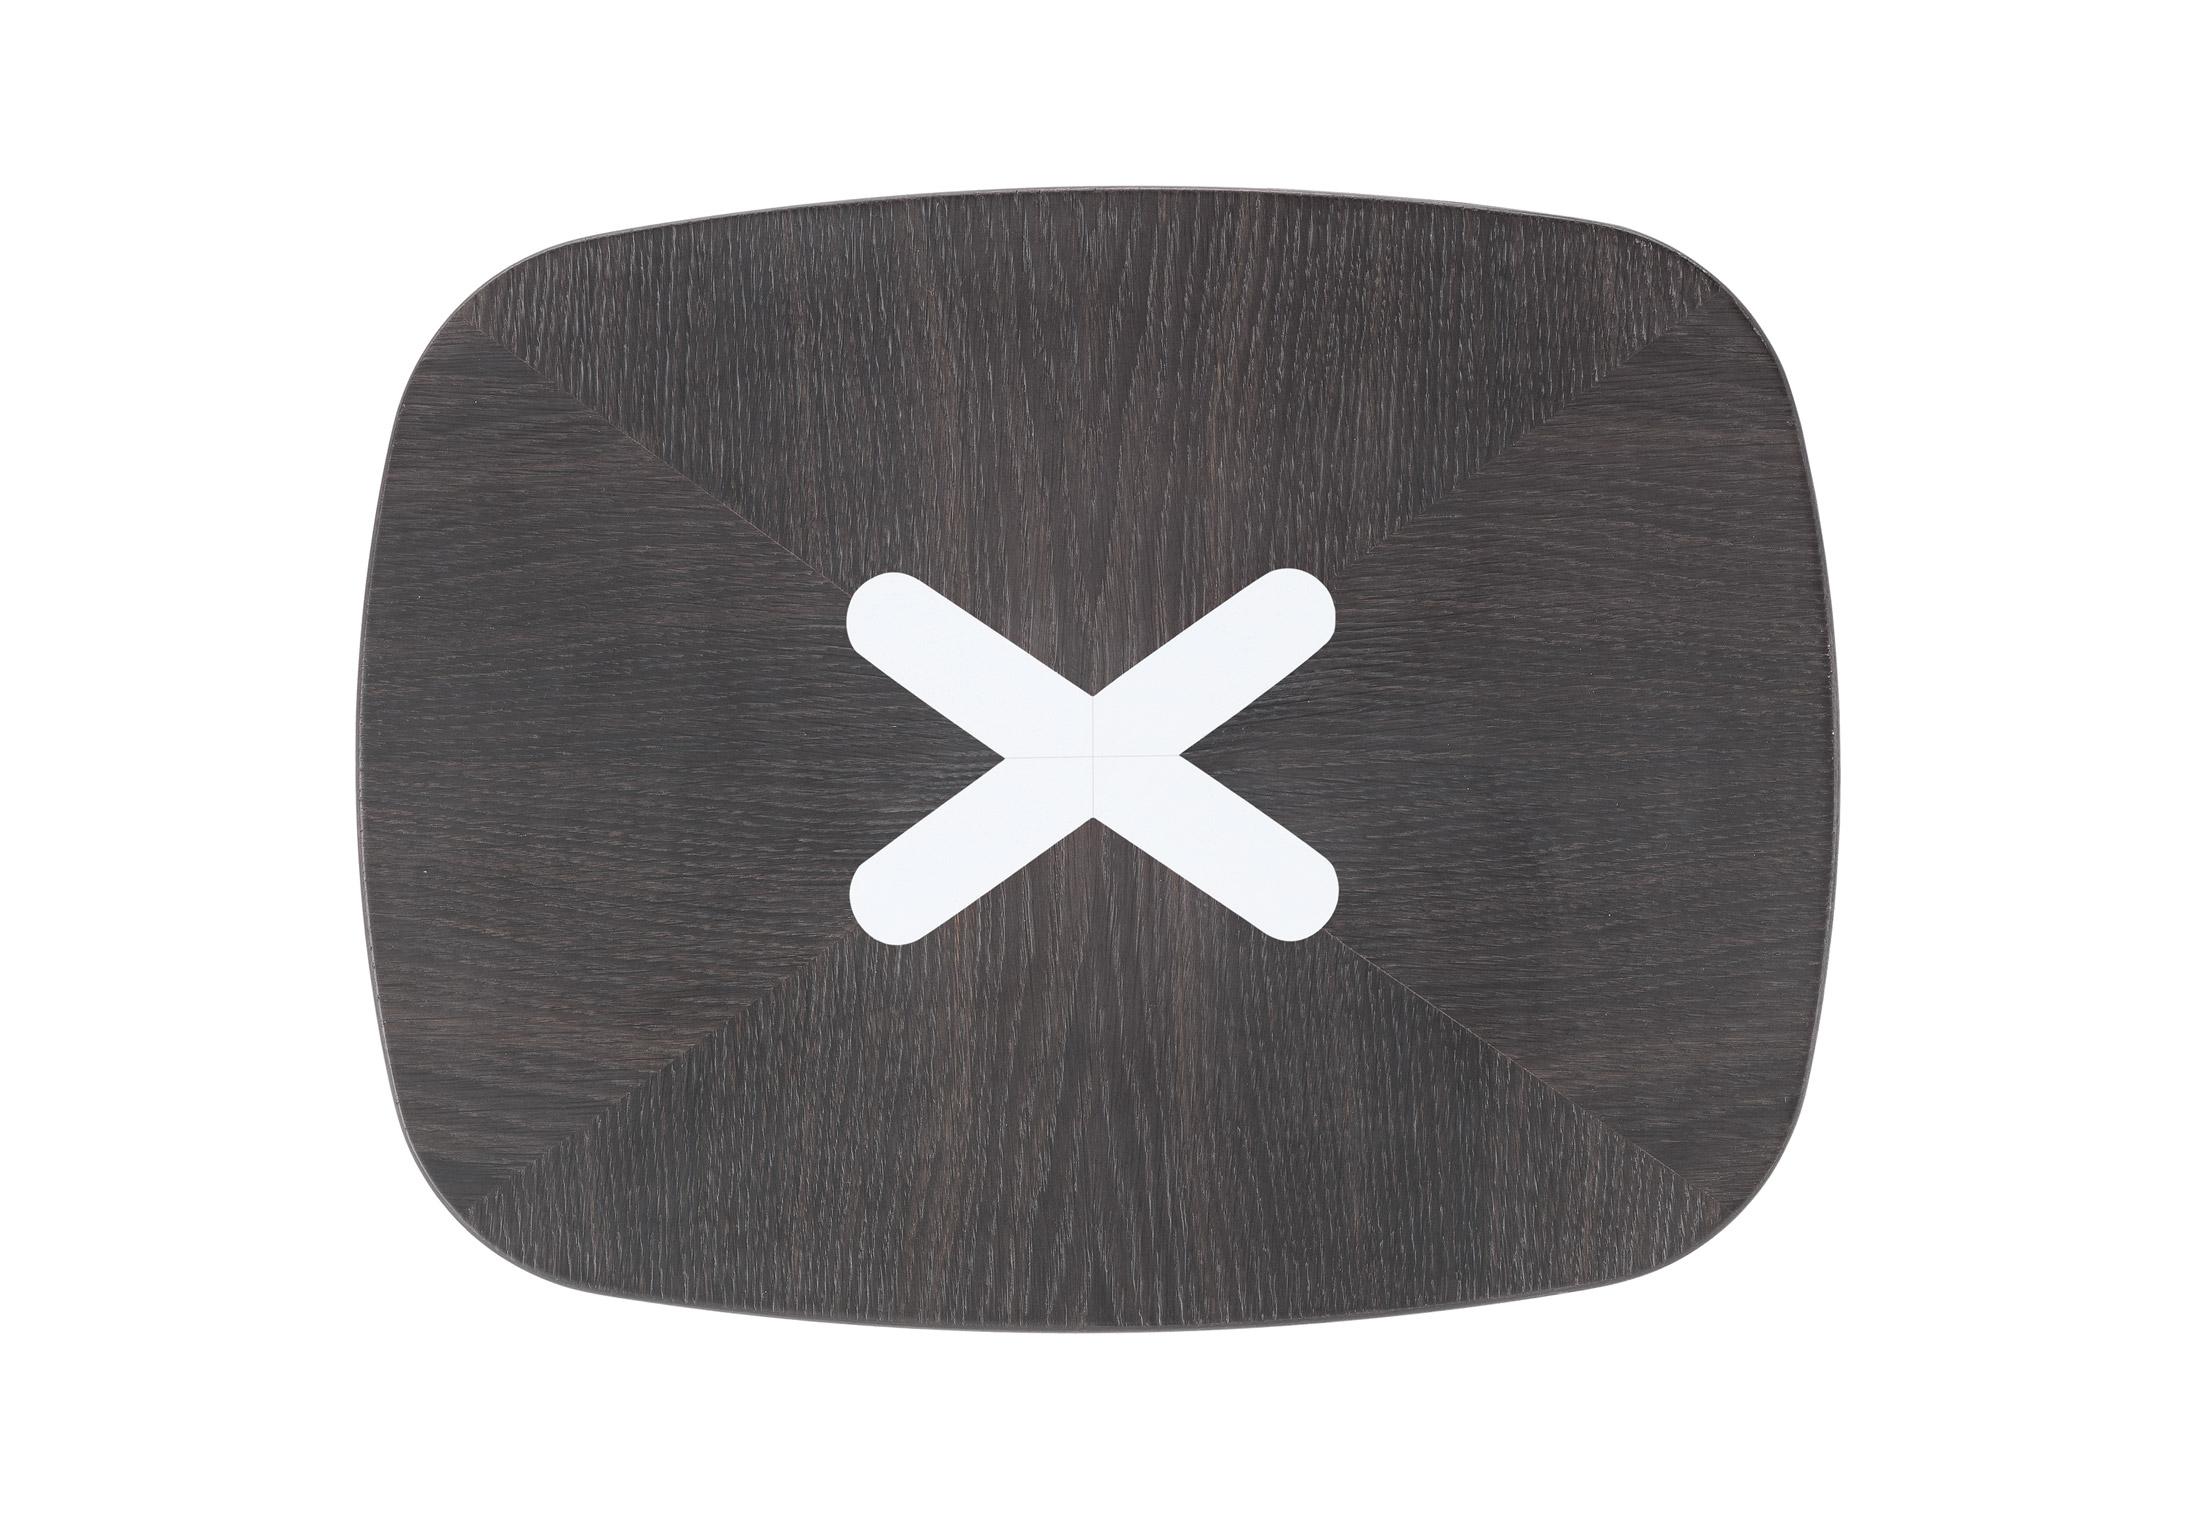 Home products chairs ics ipsilon - Ics Ics Ics Ics